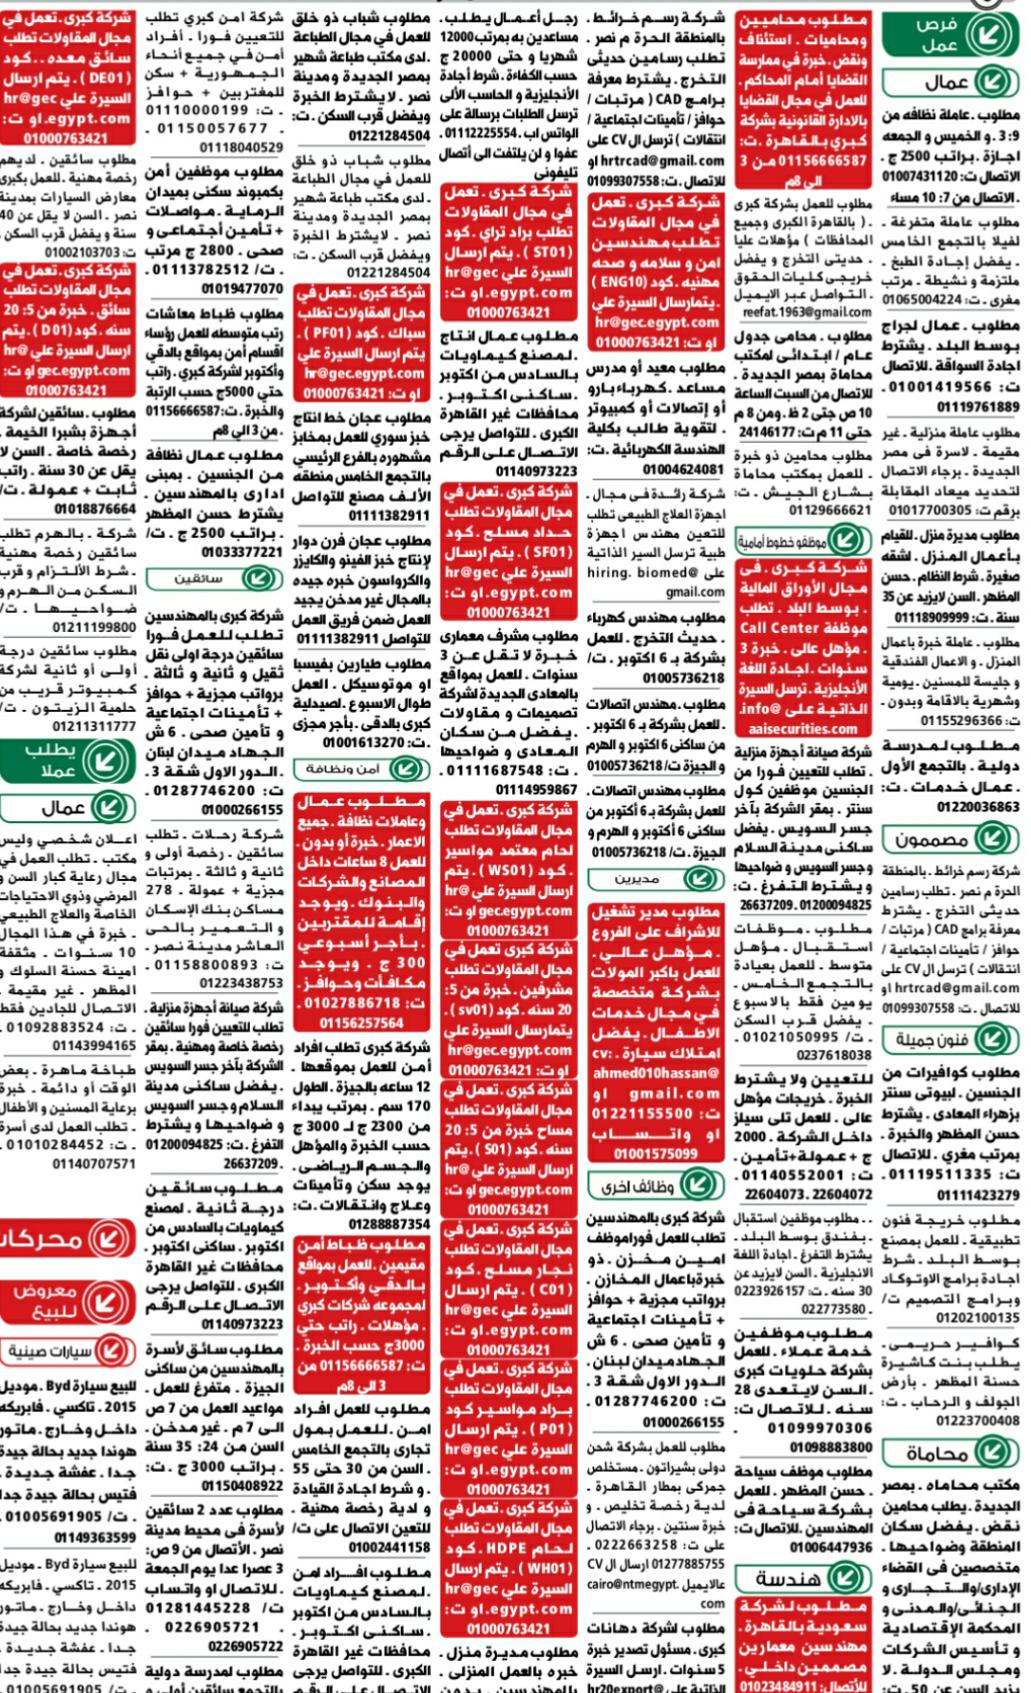 اعلانات وظائف الوسيط pdf الجمعة 10/4/2020 3